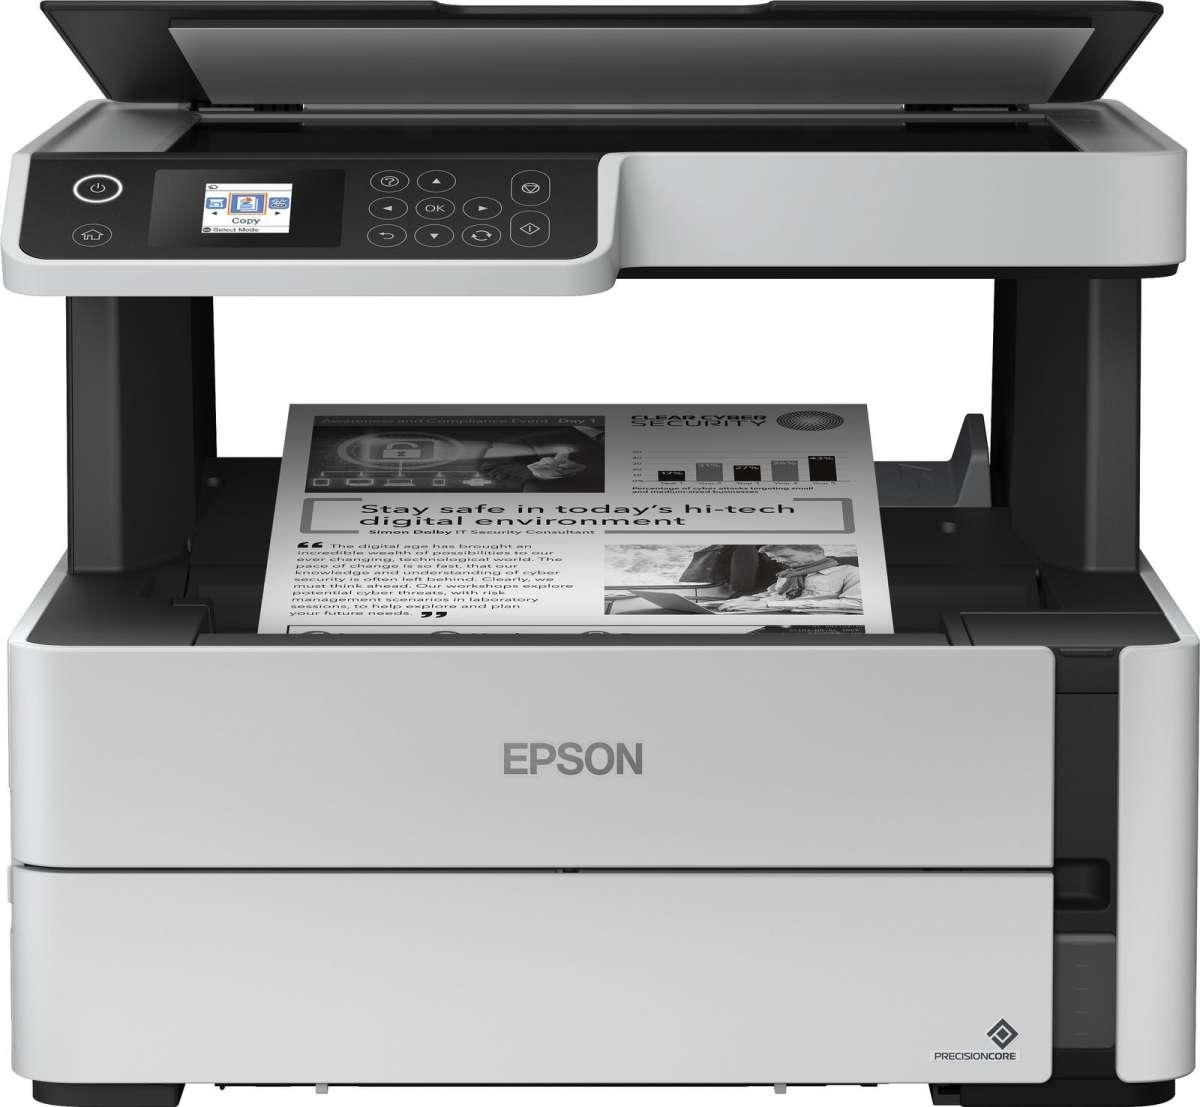 Bild zu Epson EcoTank ET-M2140 Tintenstrahl-Multifunktionsgerät für 179,90€ (Vergleich: 239,90€)